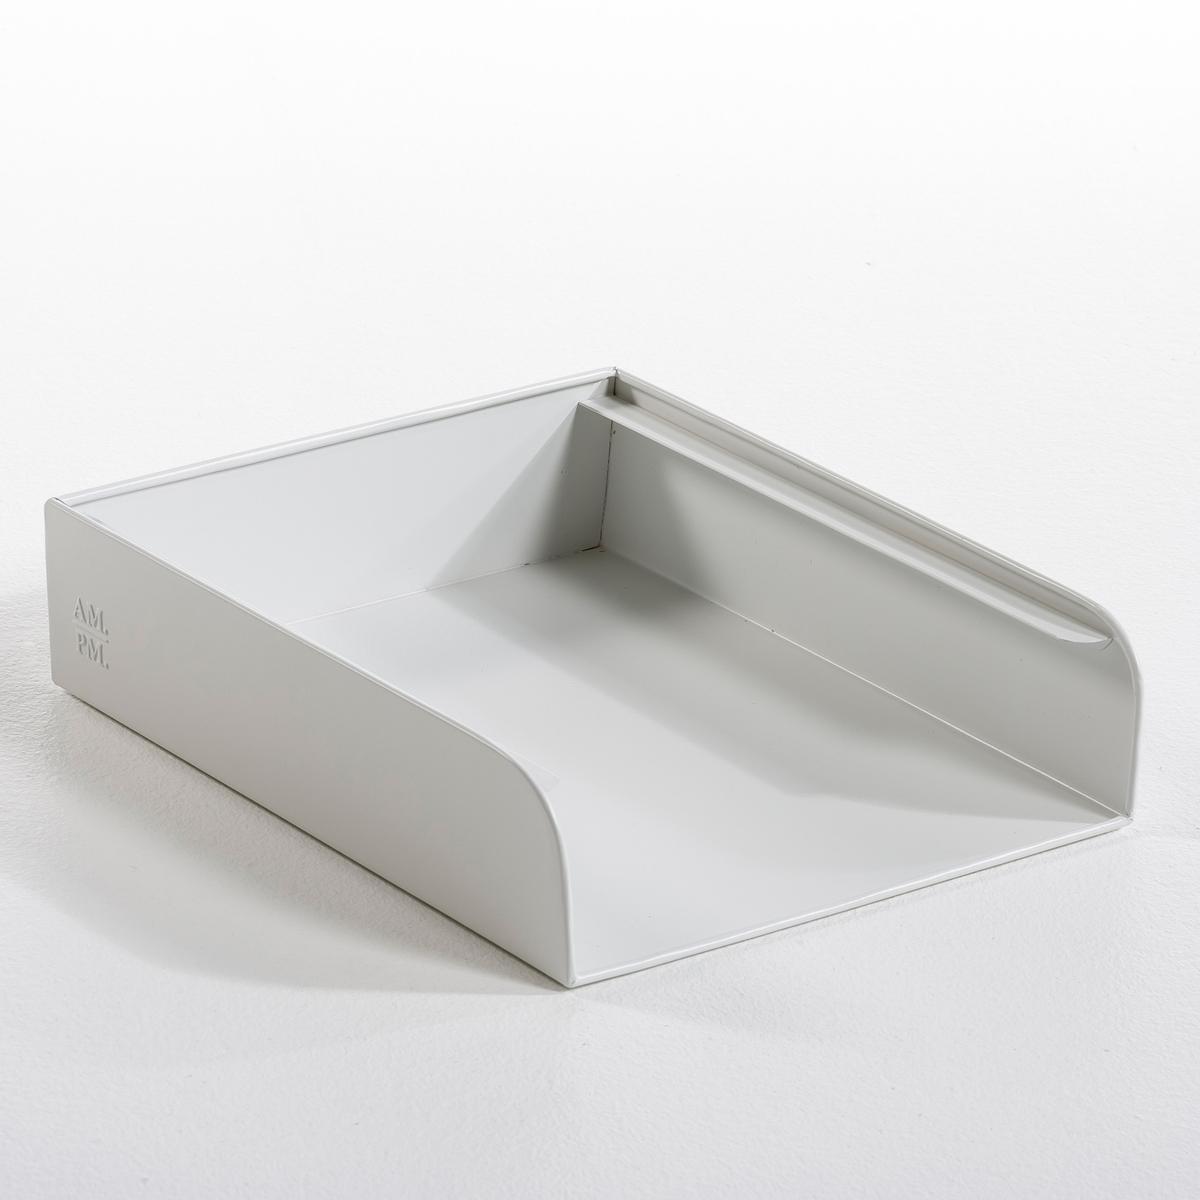 Органайзер для бумагОрганайзер для бумаг Arreglo. Новая коллекция декора с закругленными углами балансирует на грани современности и стиля ретро. Гамма из 7 цветов, легко сочетающихся между собой. Из гаванизированного металла или с матовым эпоксидным покрытием. Рельефный логотип AM.PM. Размер: ширина 26,5 х глубина 32,5 х высота 7,5 см.<br><br>Цвет: белый,горчичный,серо-зеленый,серый<br>Размер: единый размер